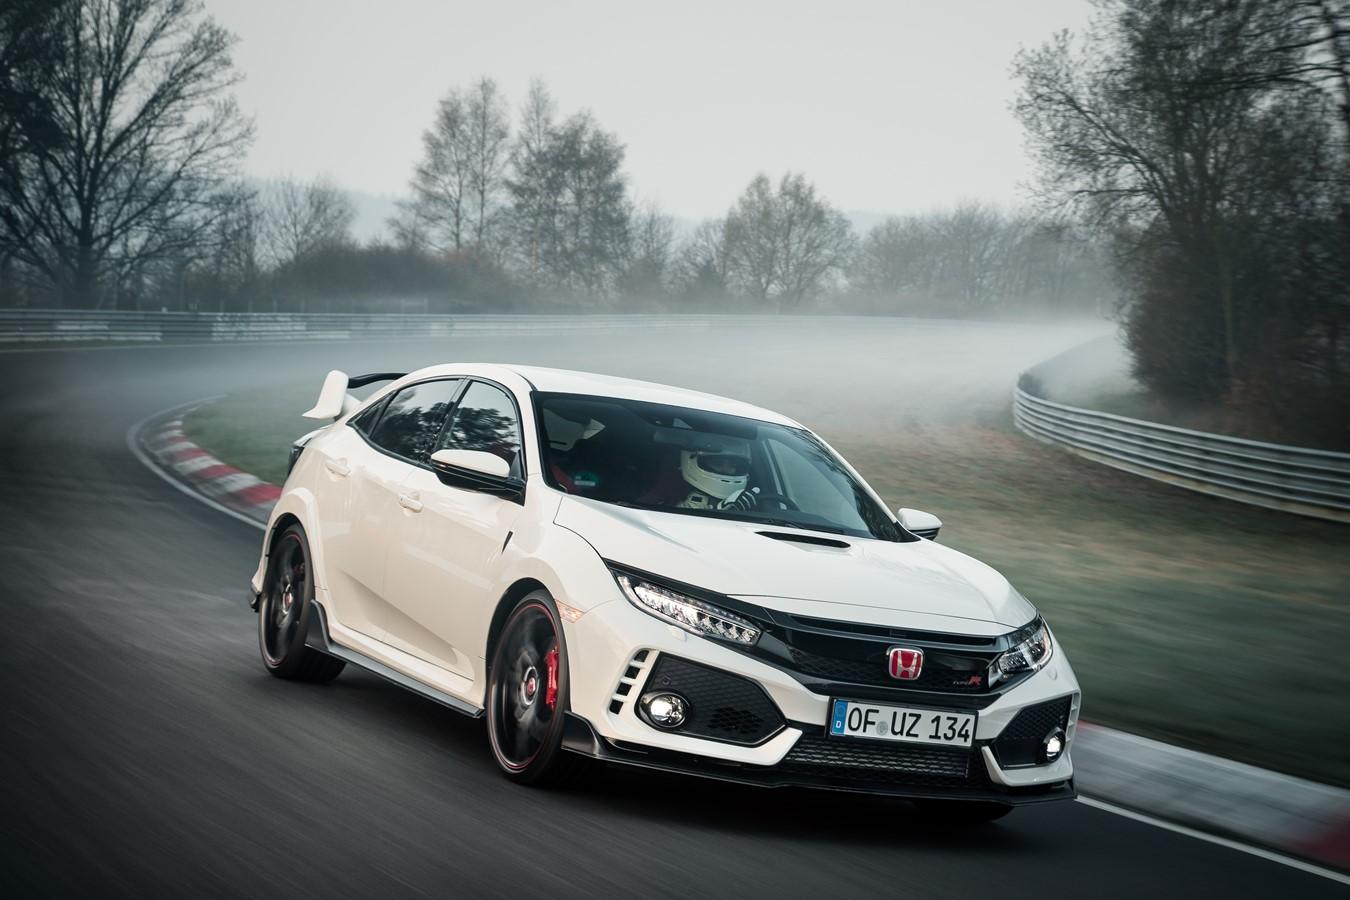 Hondanews.eu